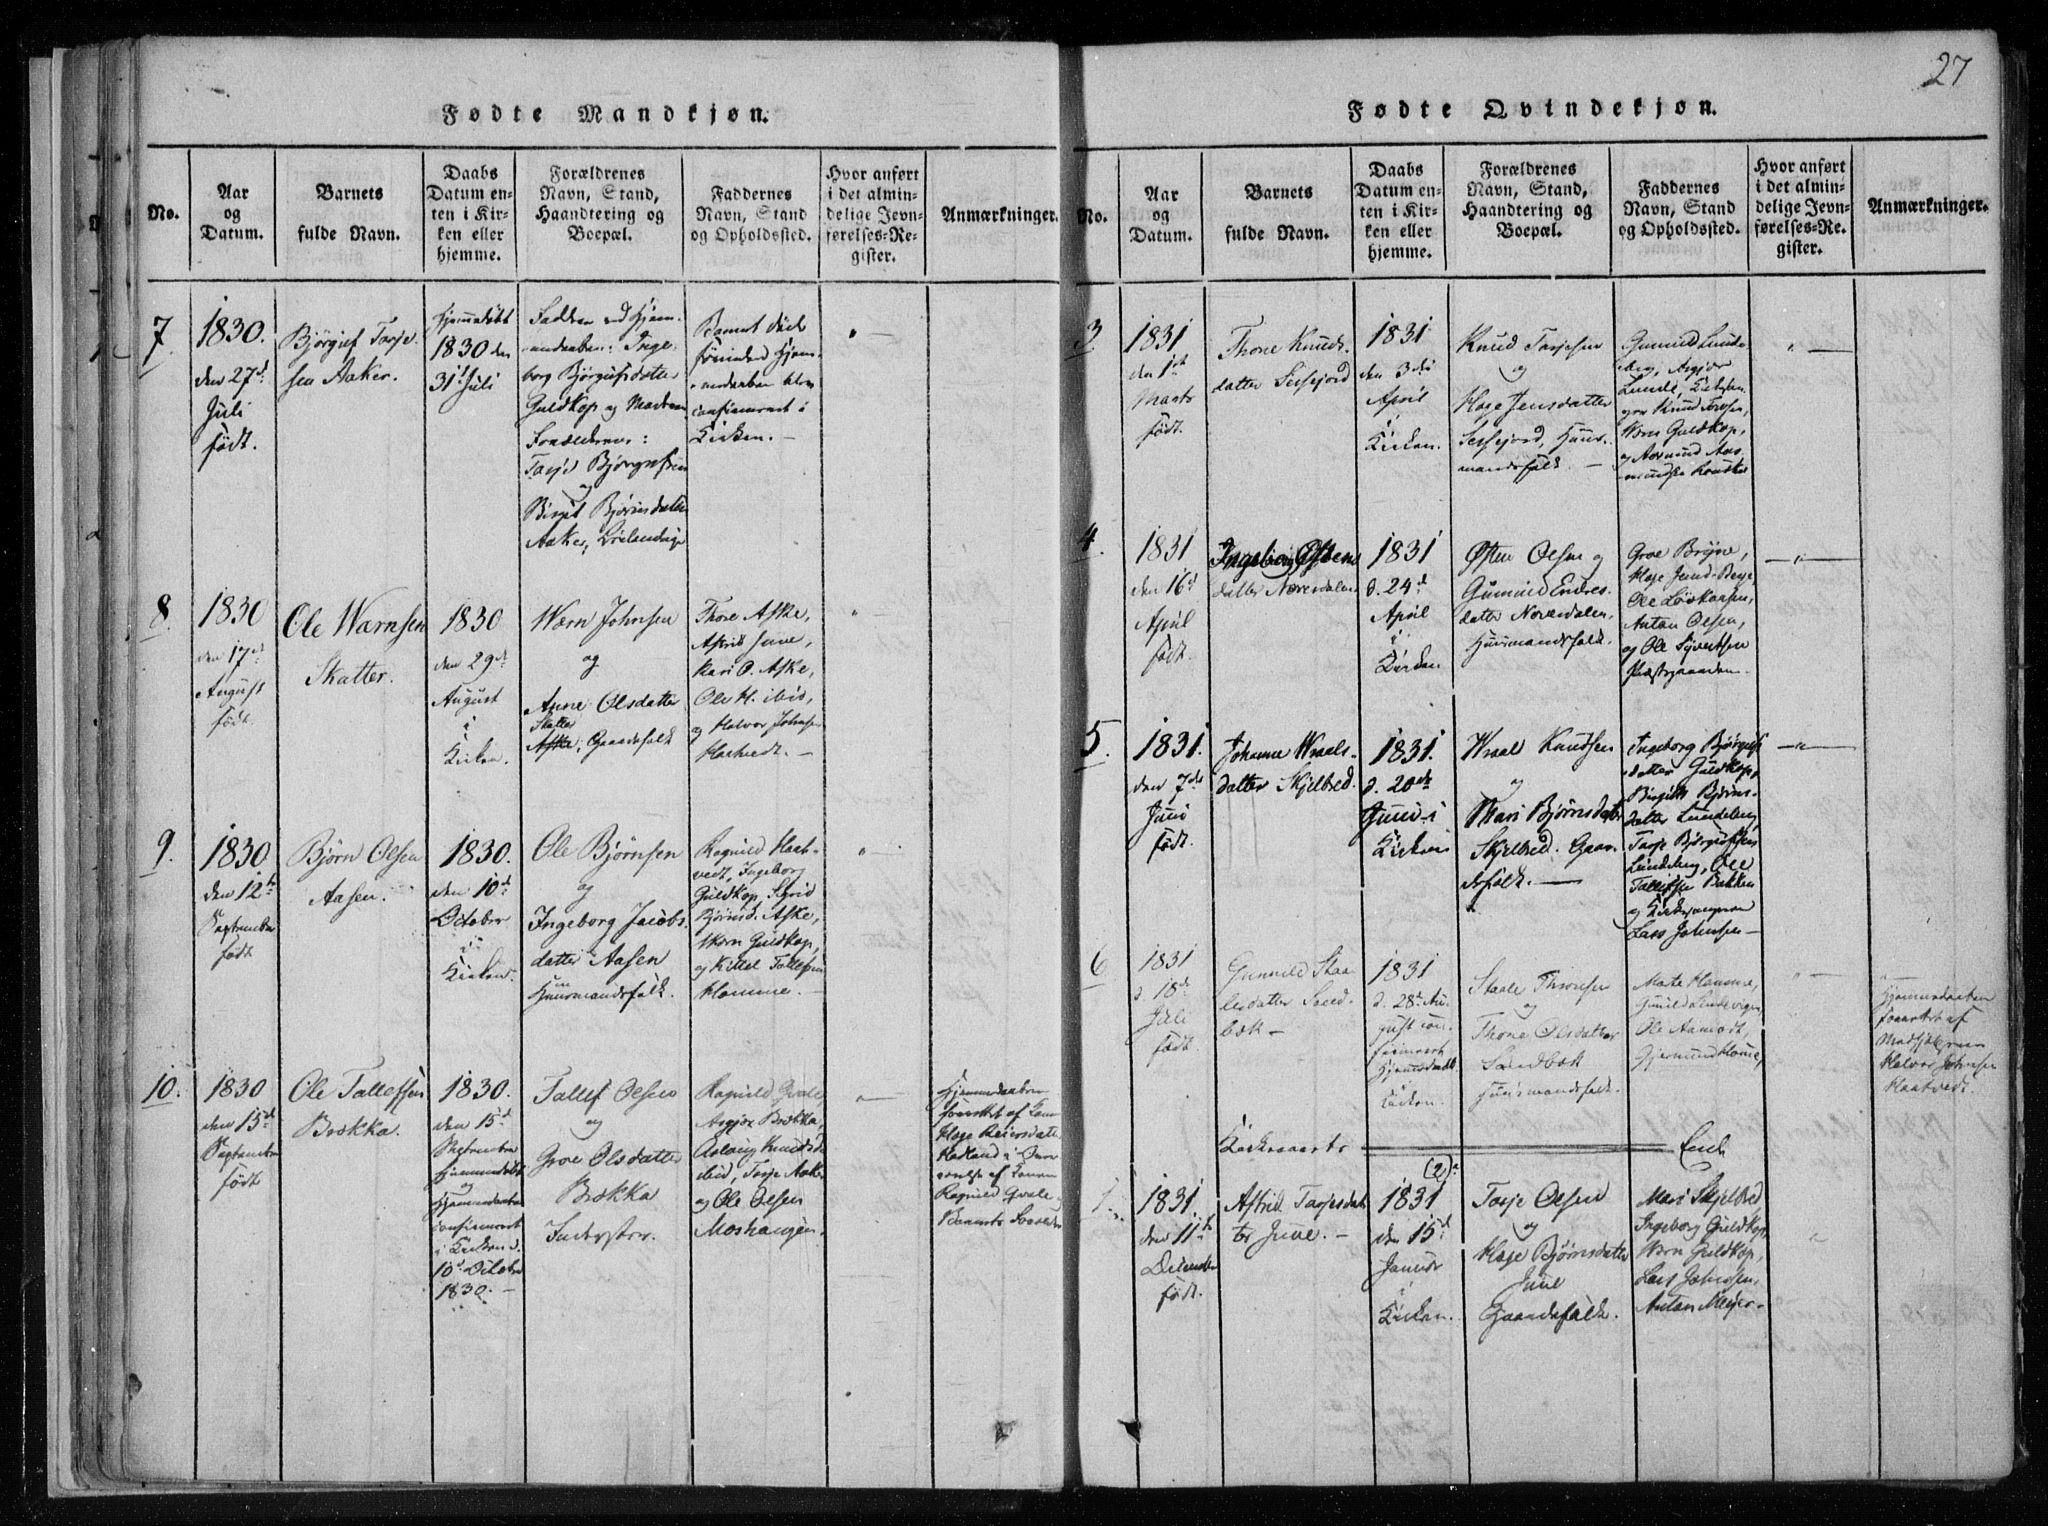 SAKO, Lårdal kirkebøker, F/Fa/L0005: Ministerialbok nr. I 5, 1815-1860, s. 27